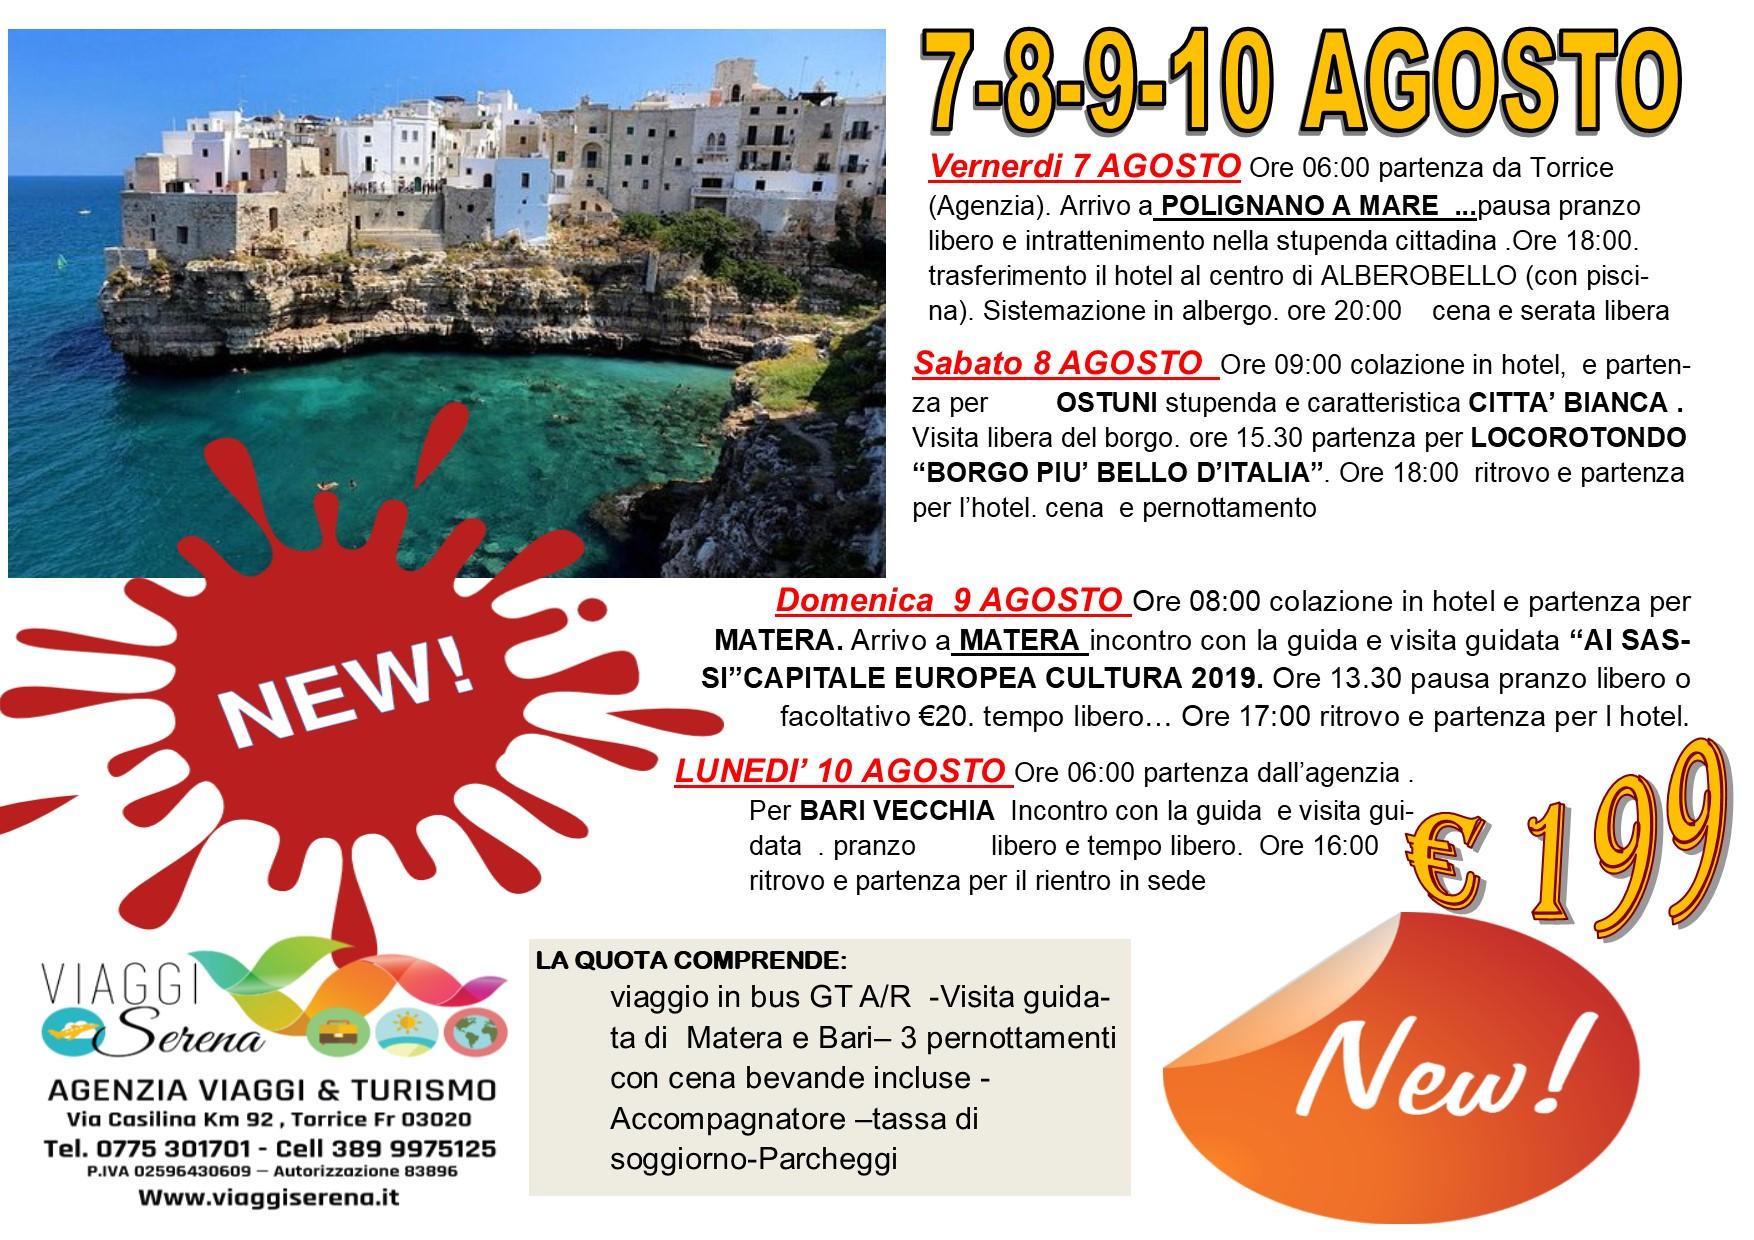 Viaggi di Gruppo: speciale PUGLIA  7-8-9-10 Agosto € 199,00